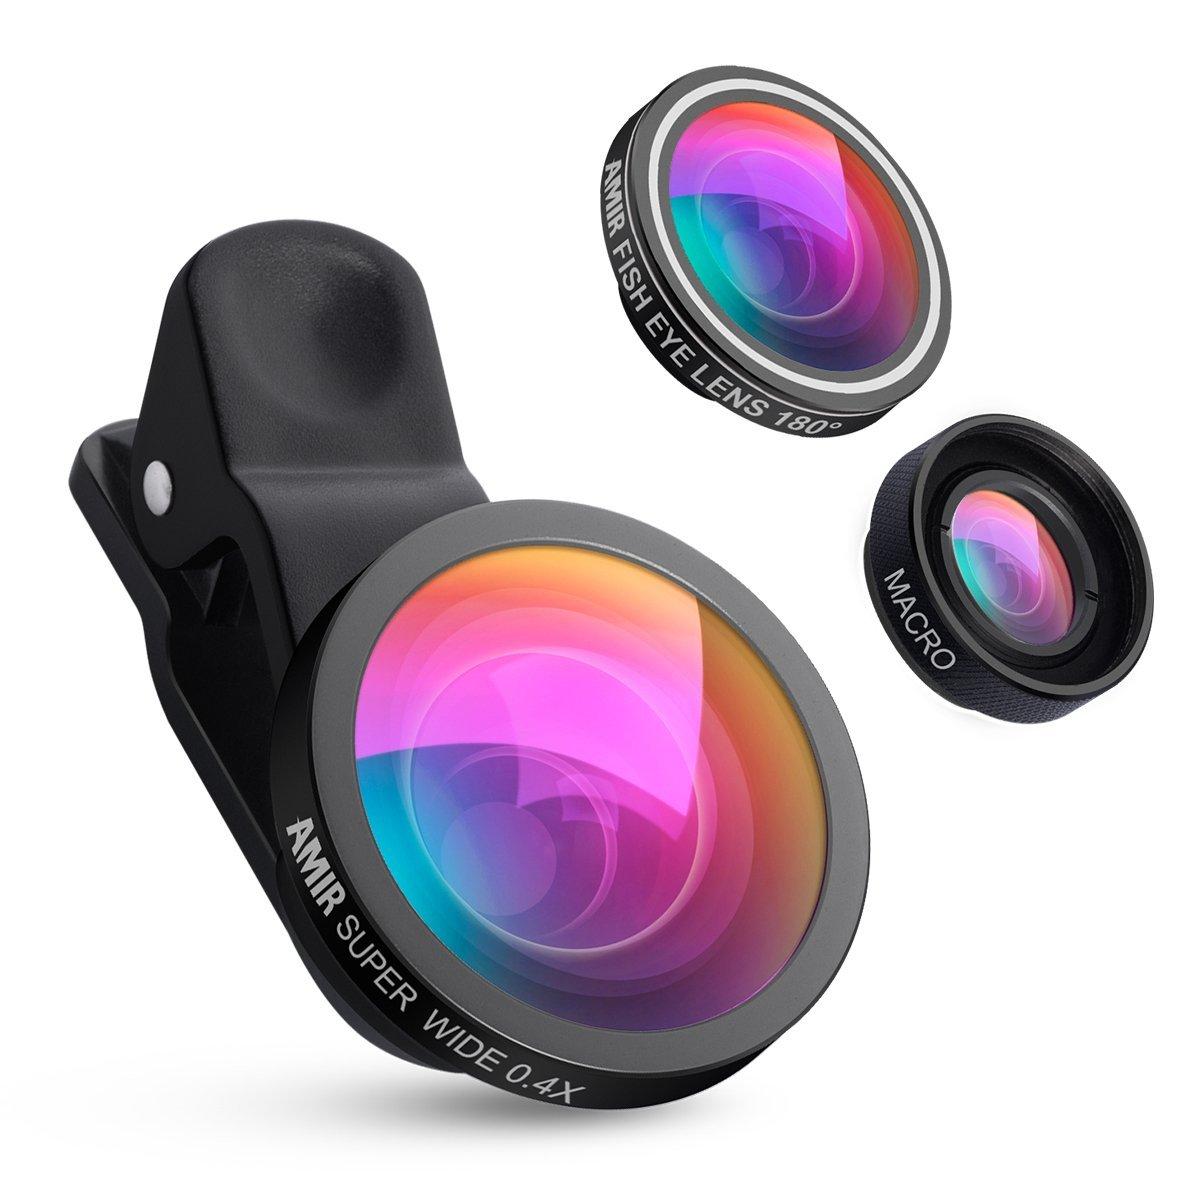 Il comprend une lentille super grand-angle avec un angle à 140° et un  grossissement de 0.4X, une lentille fisheye avec un angle de 180°et une  lentille pour ... 435d3612df71